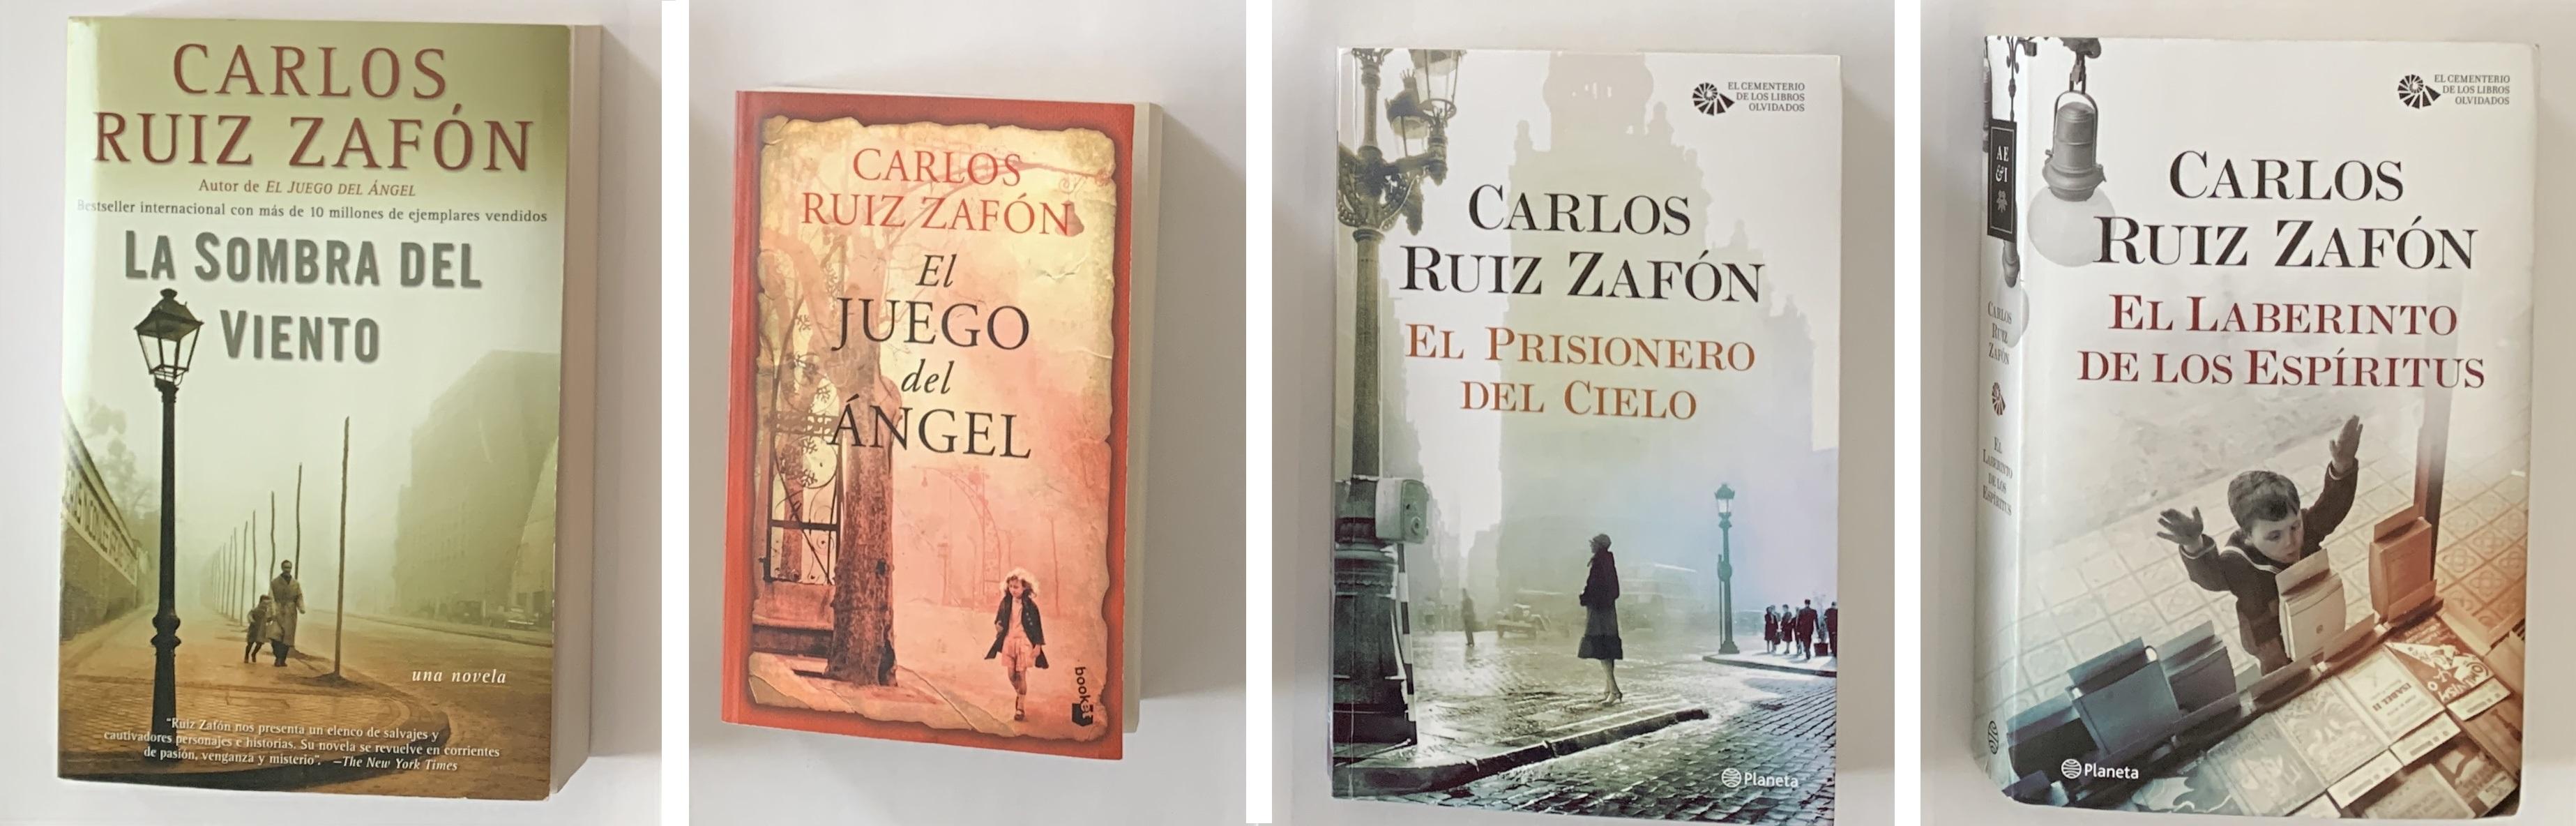 RuizZafon